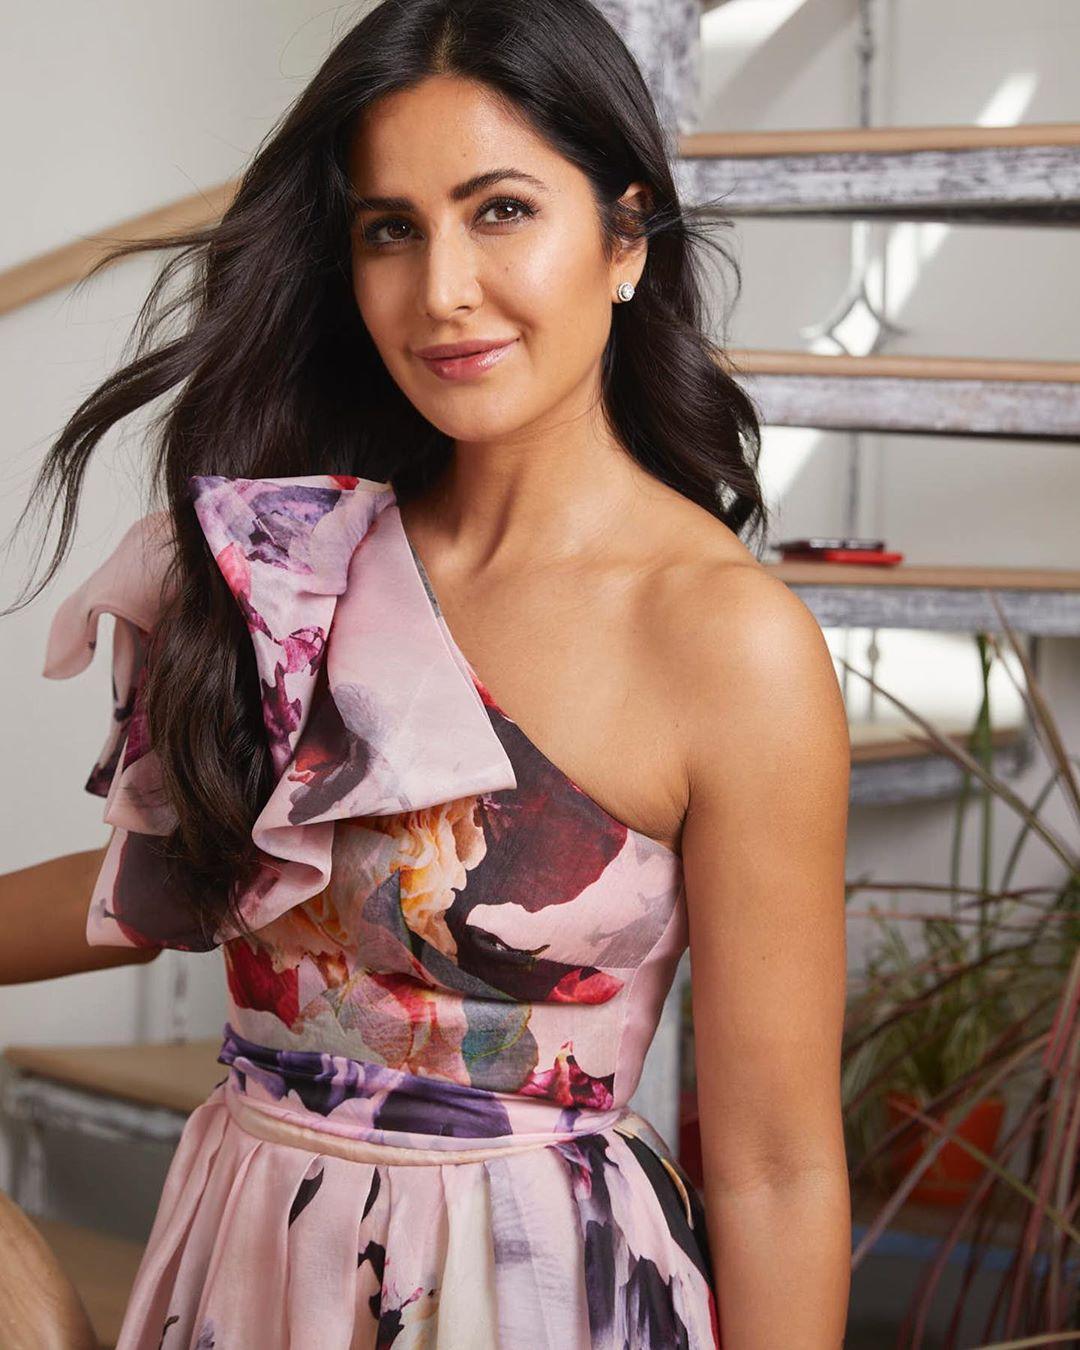 भारत सिनेमाच्या प्रमोशनवेळी कतरिनाने एक विशिष्ट स्टाइल फॉलो केली. यावेळी तिने फ्लोरल प्रिन्ट कपड्यांना प्राधान्य दिलं.